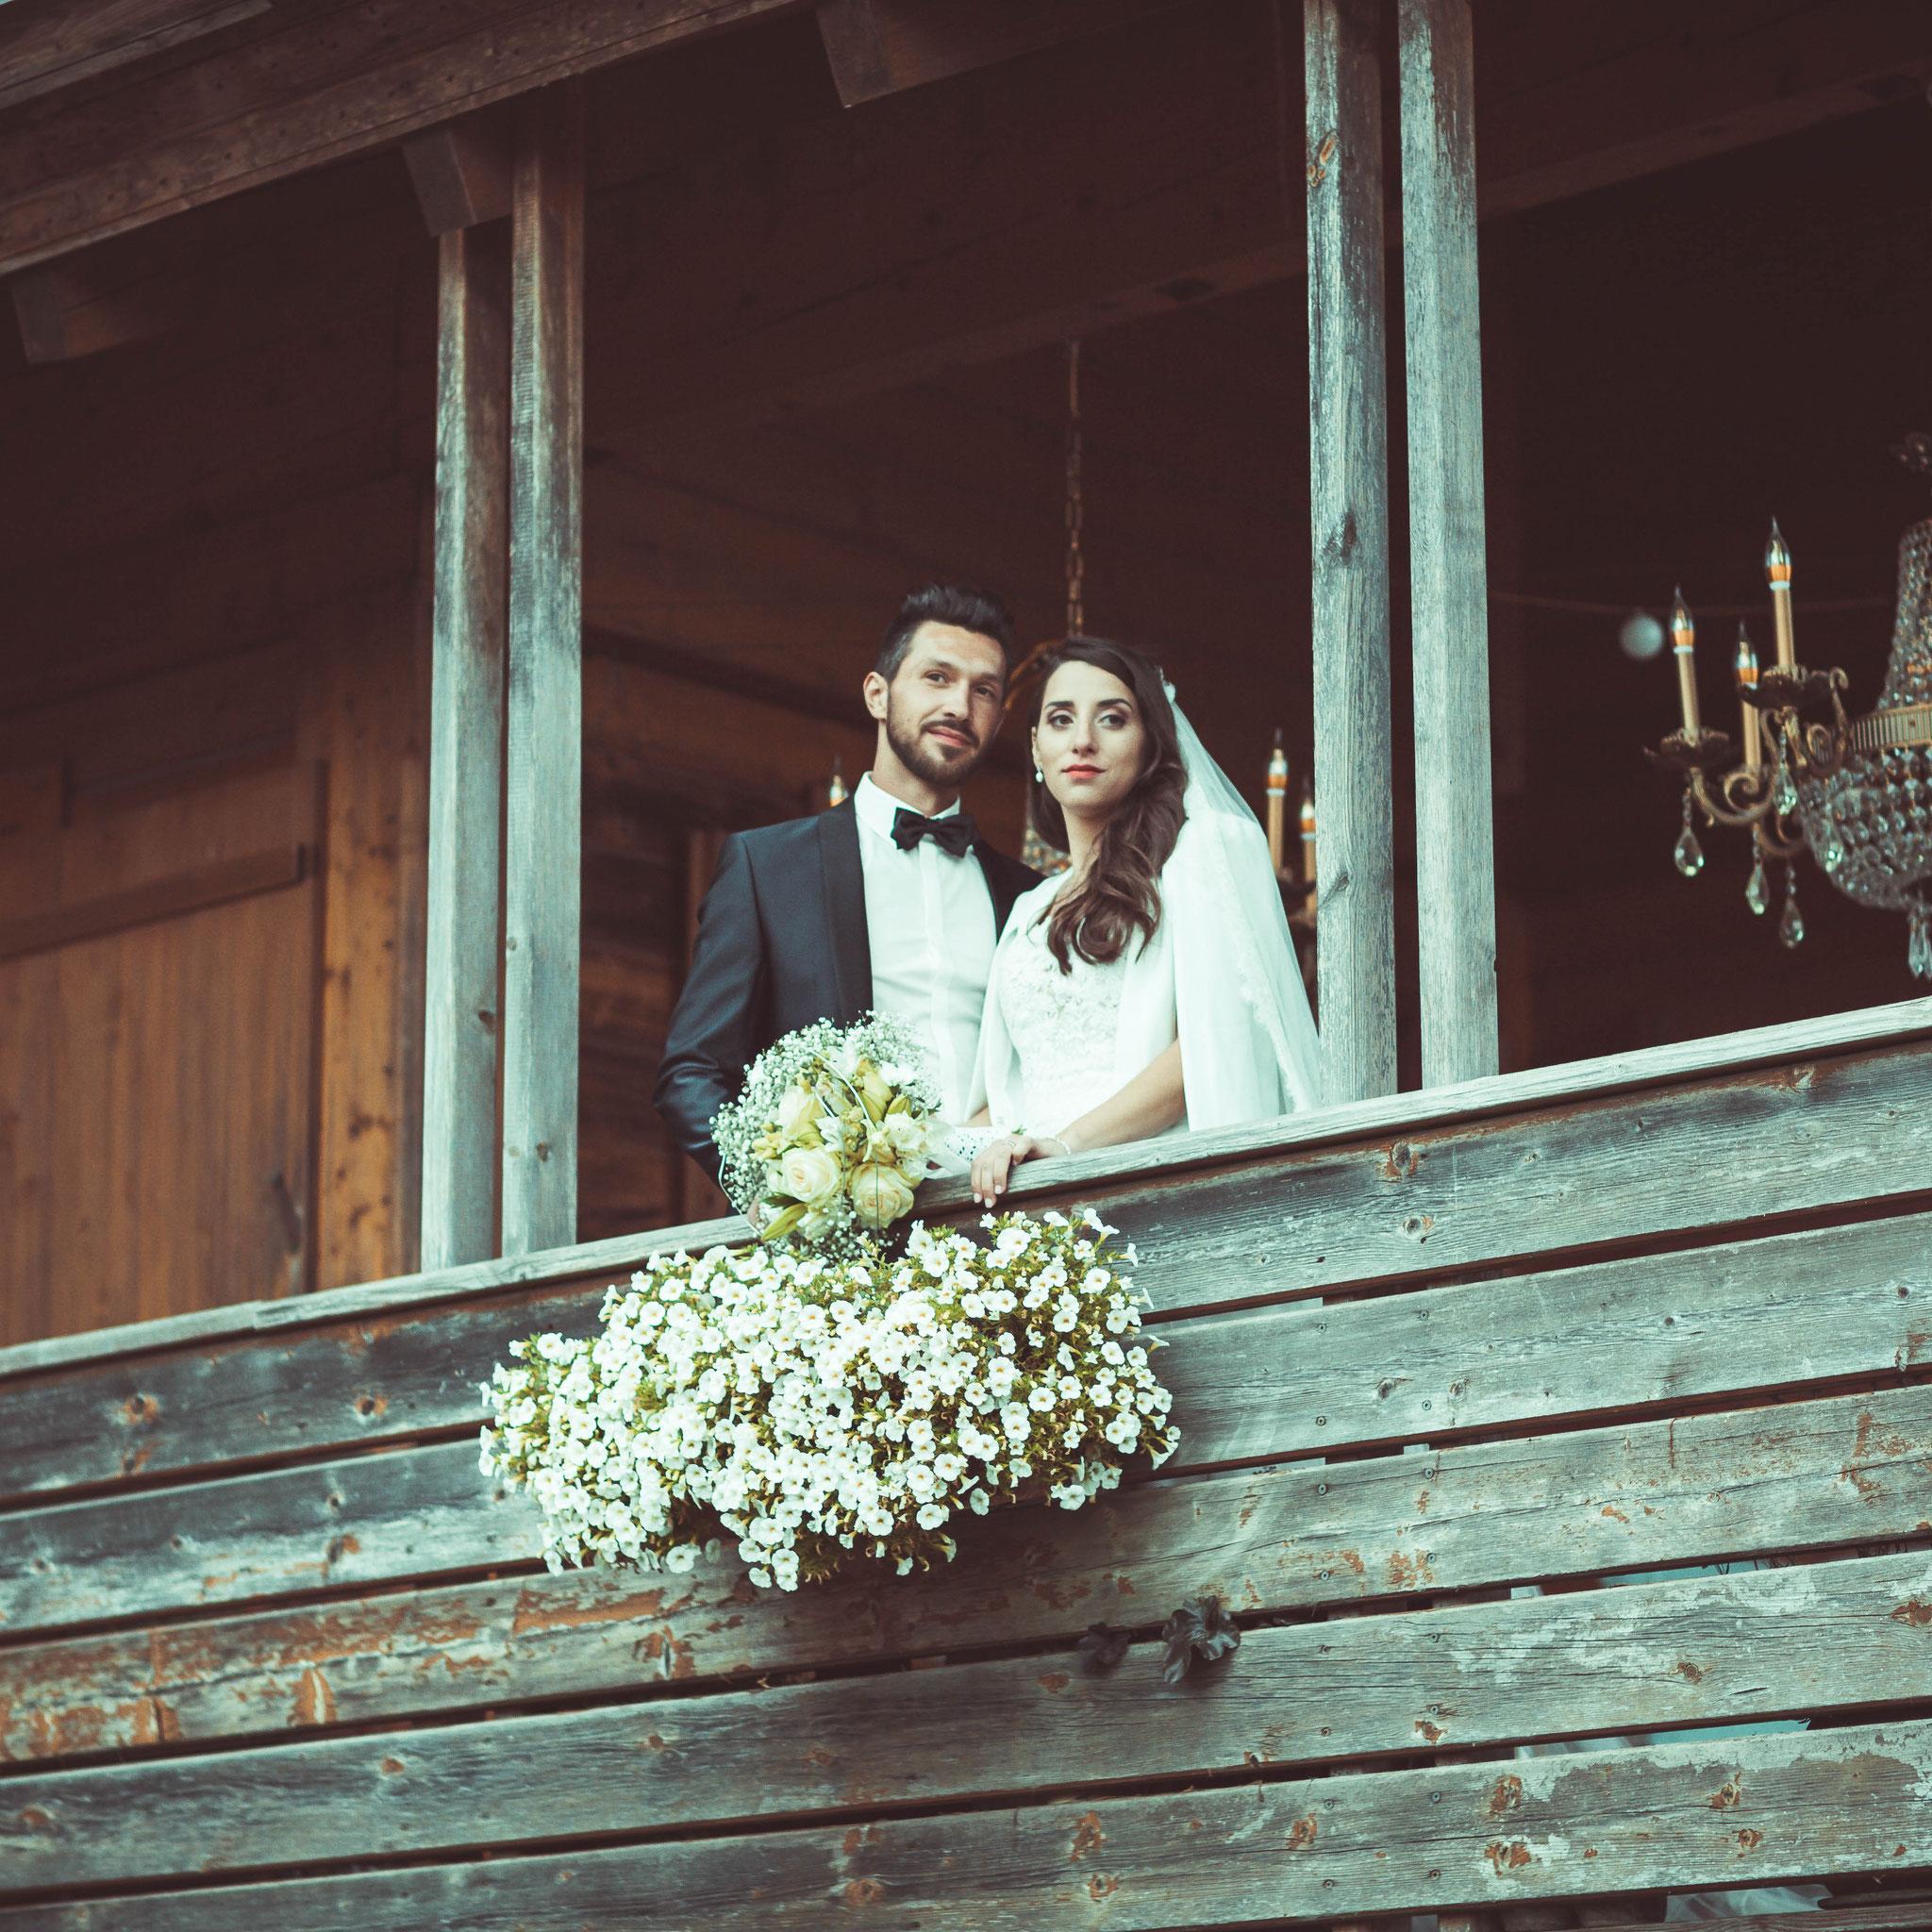 Kameramann für moderne russische Hochzeit in Bad Homburg